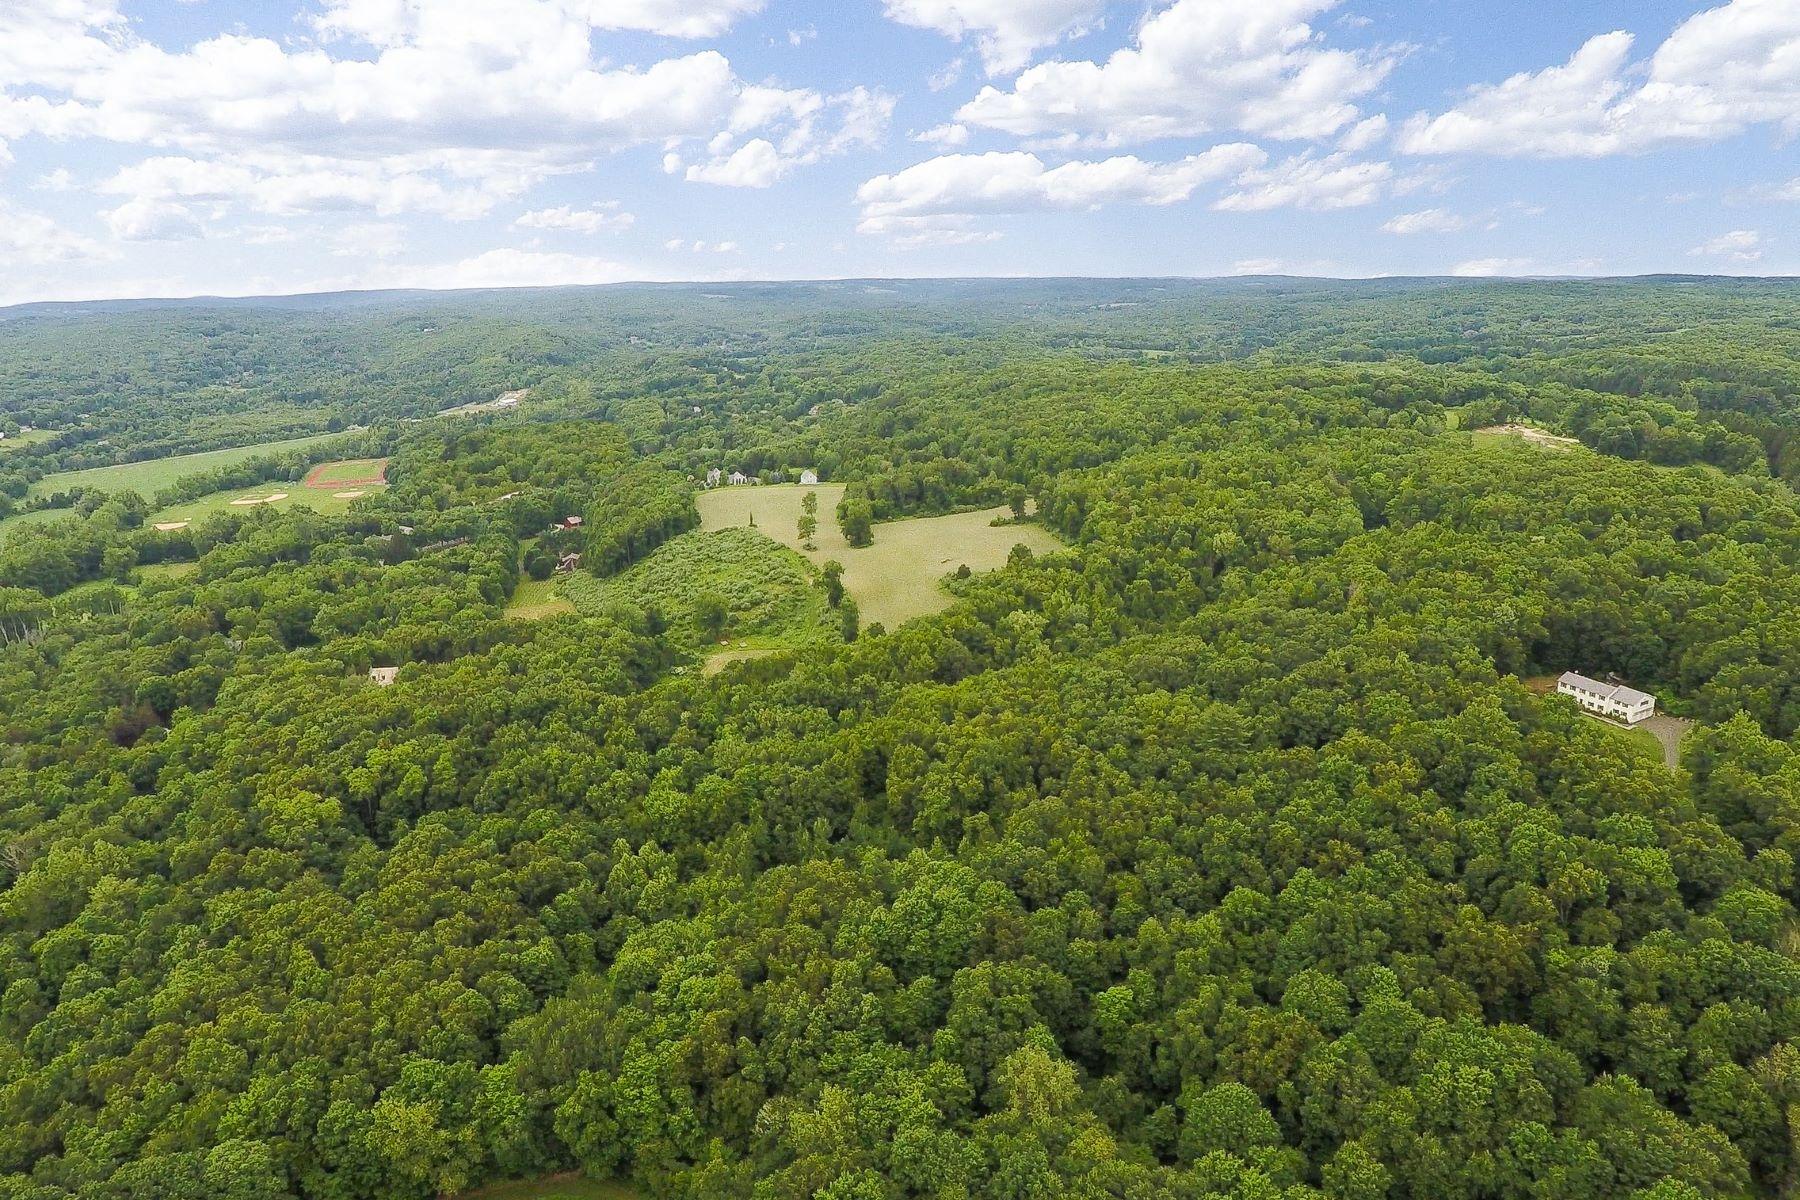 Terrain pour l Vente à Woodbury Acreage 162 Middle Road Tpke Woodbury, Connecticut, 06798 États-Unis